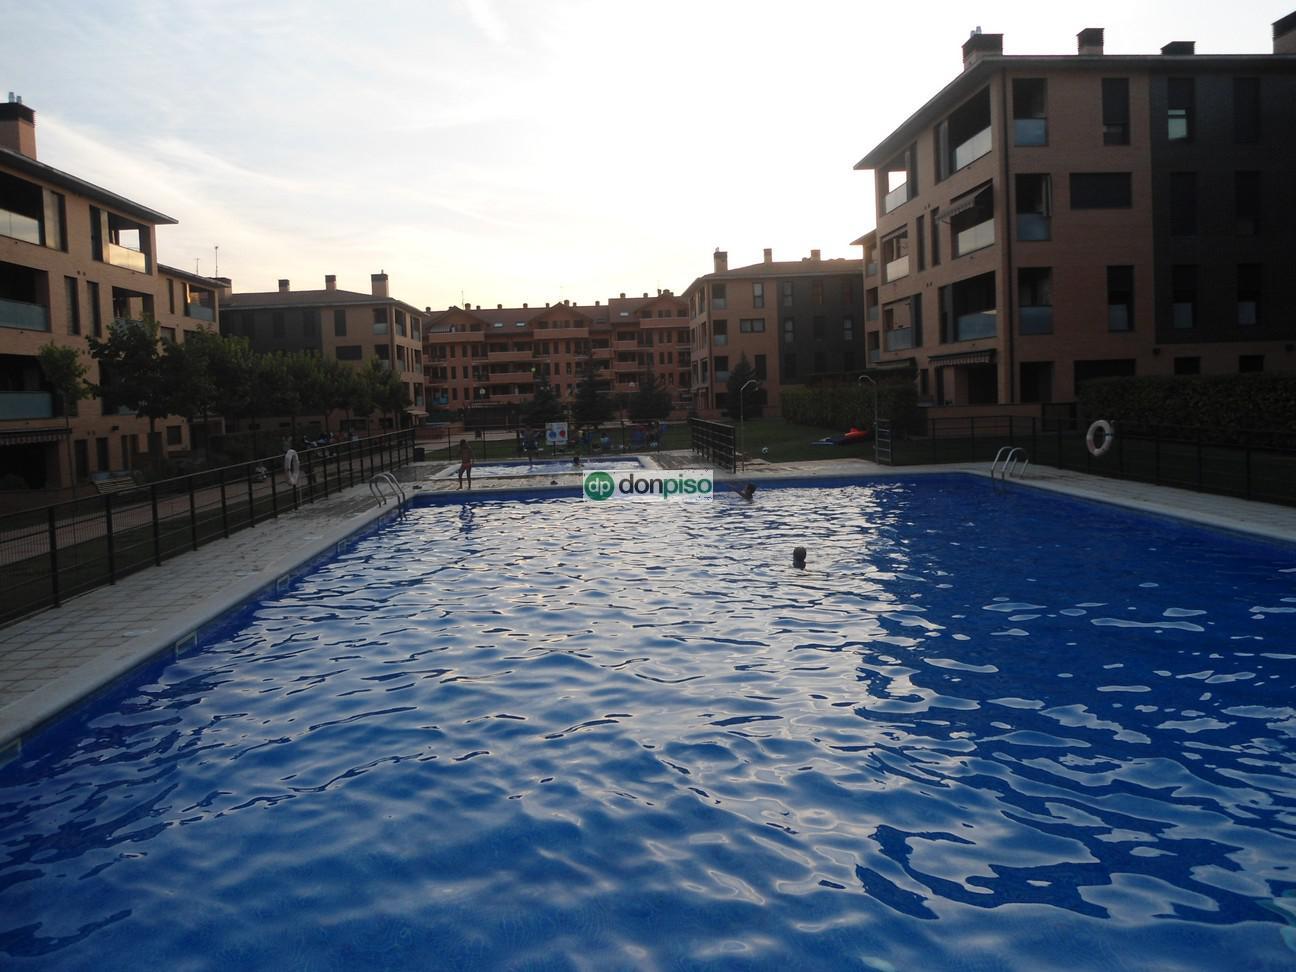 166661 - Junto al Mercadona y al Hotel Reina Felicia